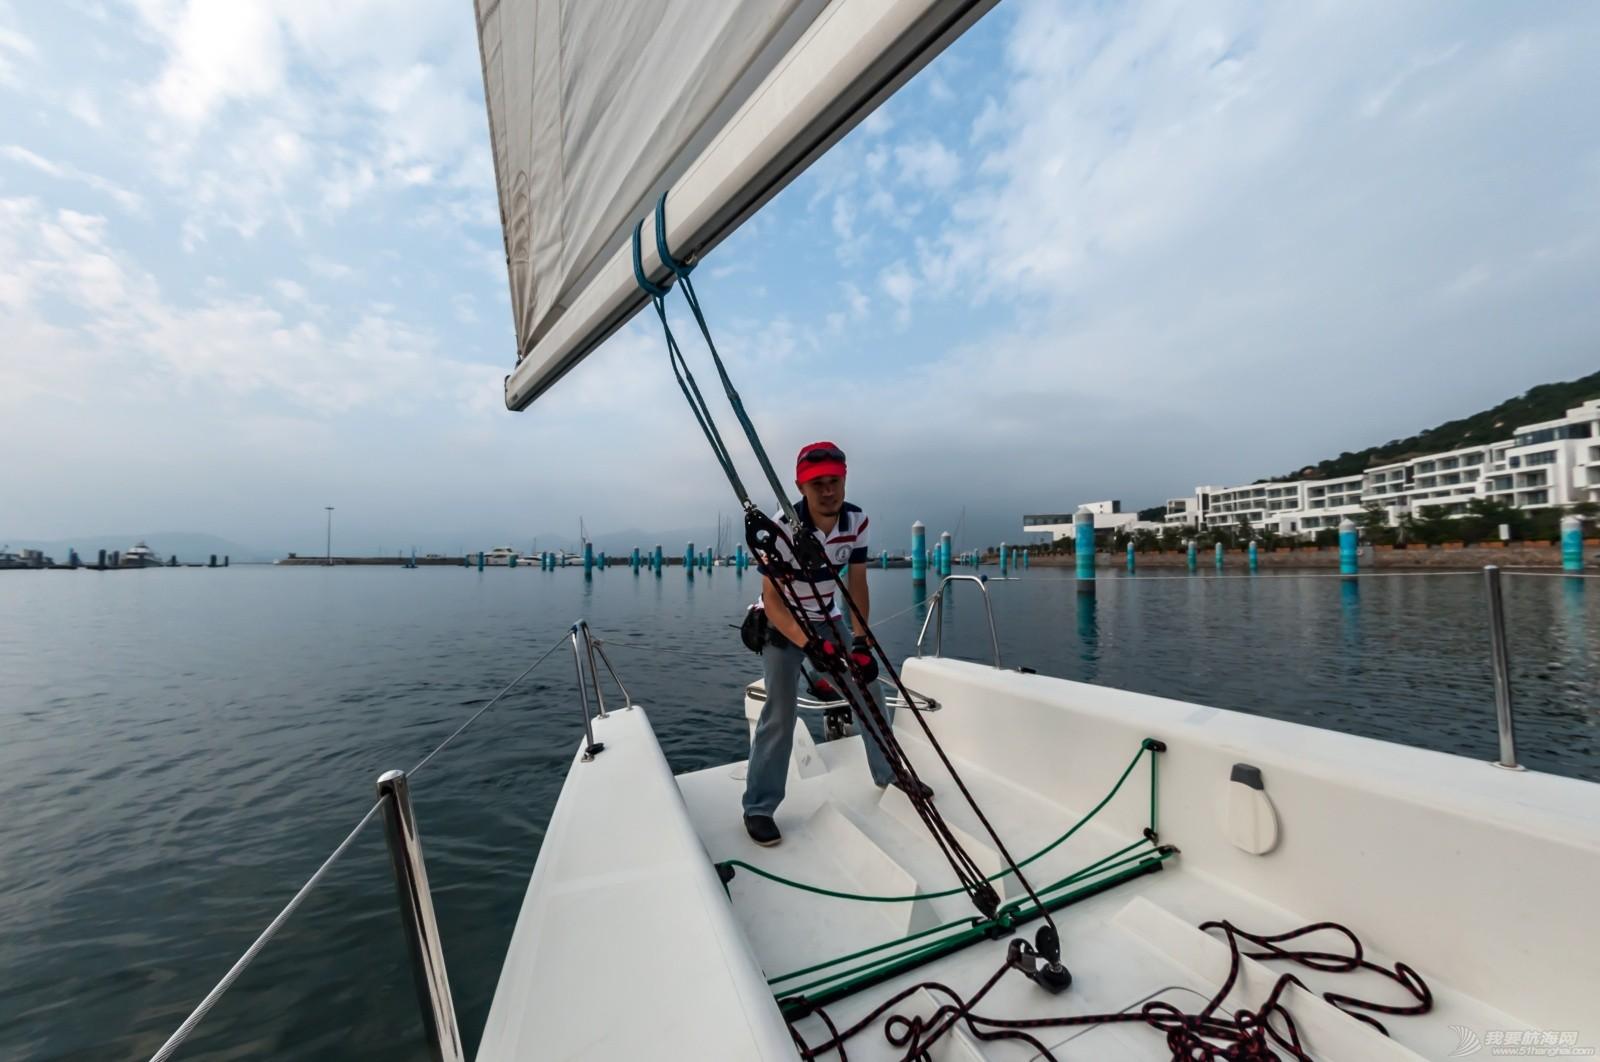 帆船 【2015大鹏杯帆船赛】鱼眼看航海 16050.jpg